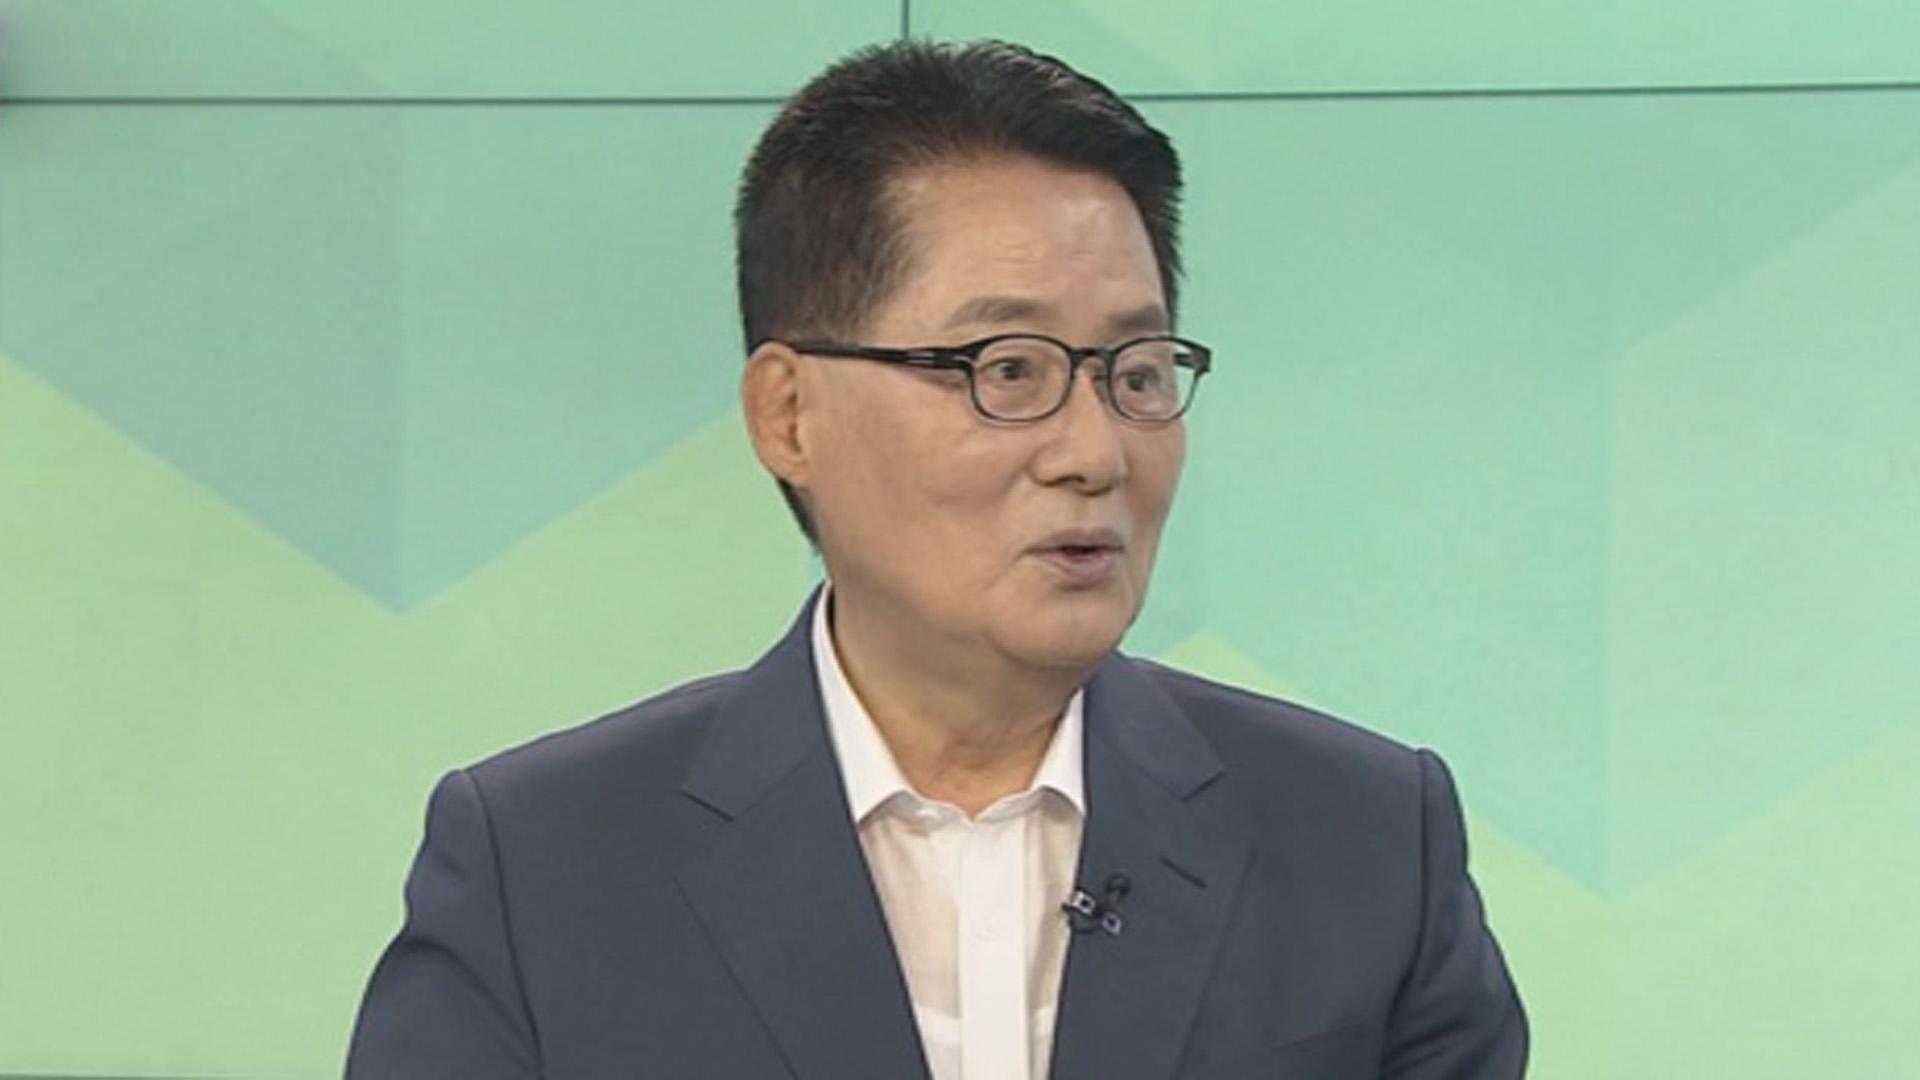 [1번지 현장] 박지원 전 의원에게 묻는 정국 현안